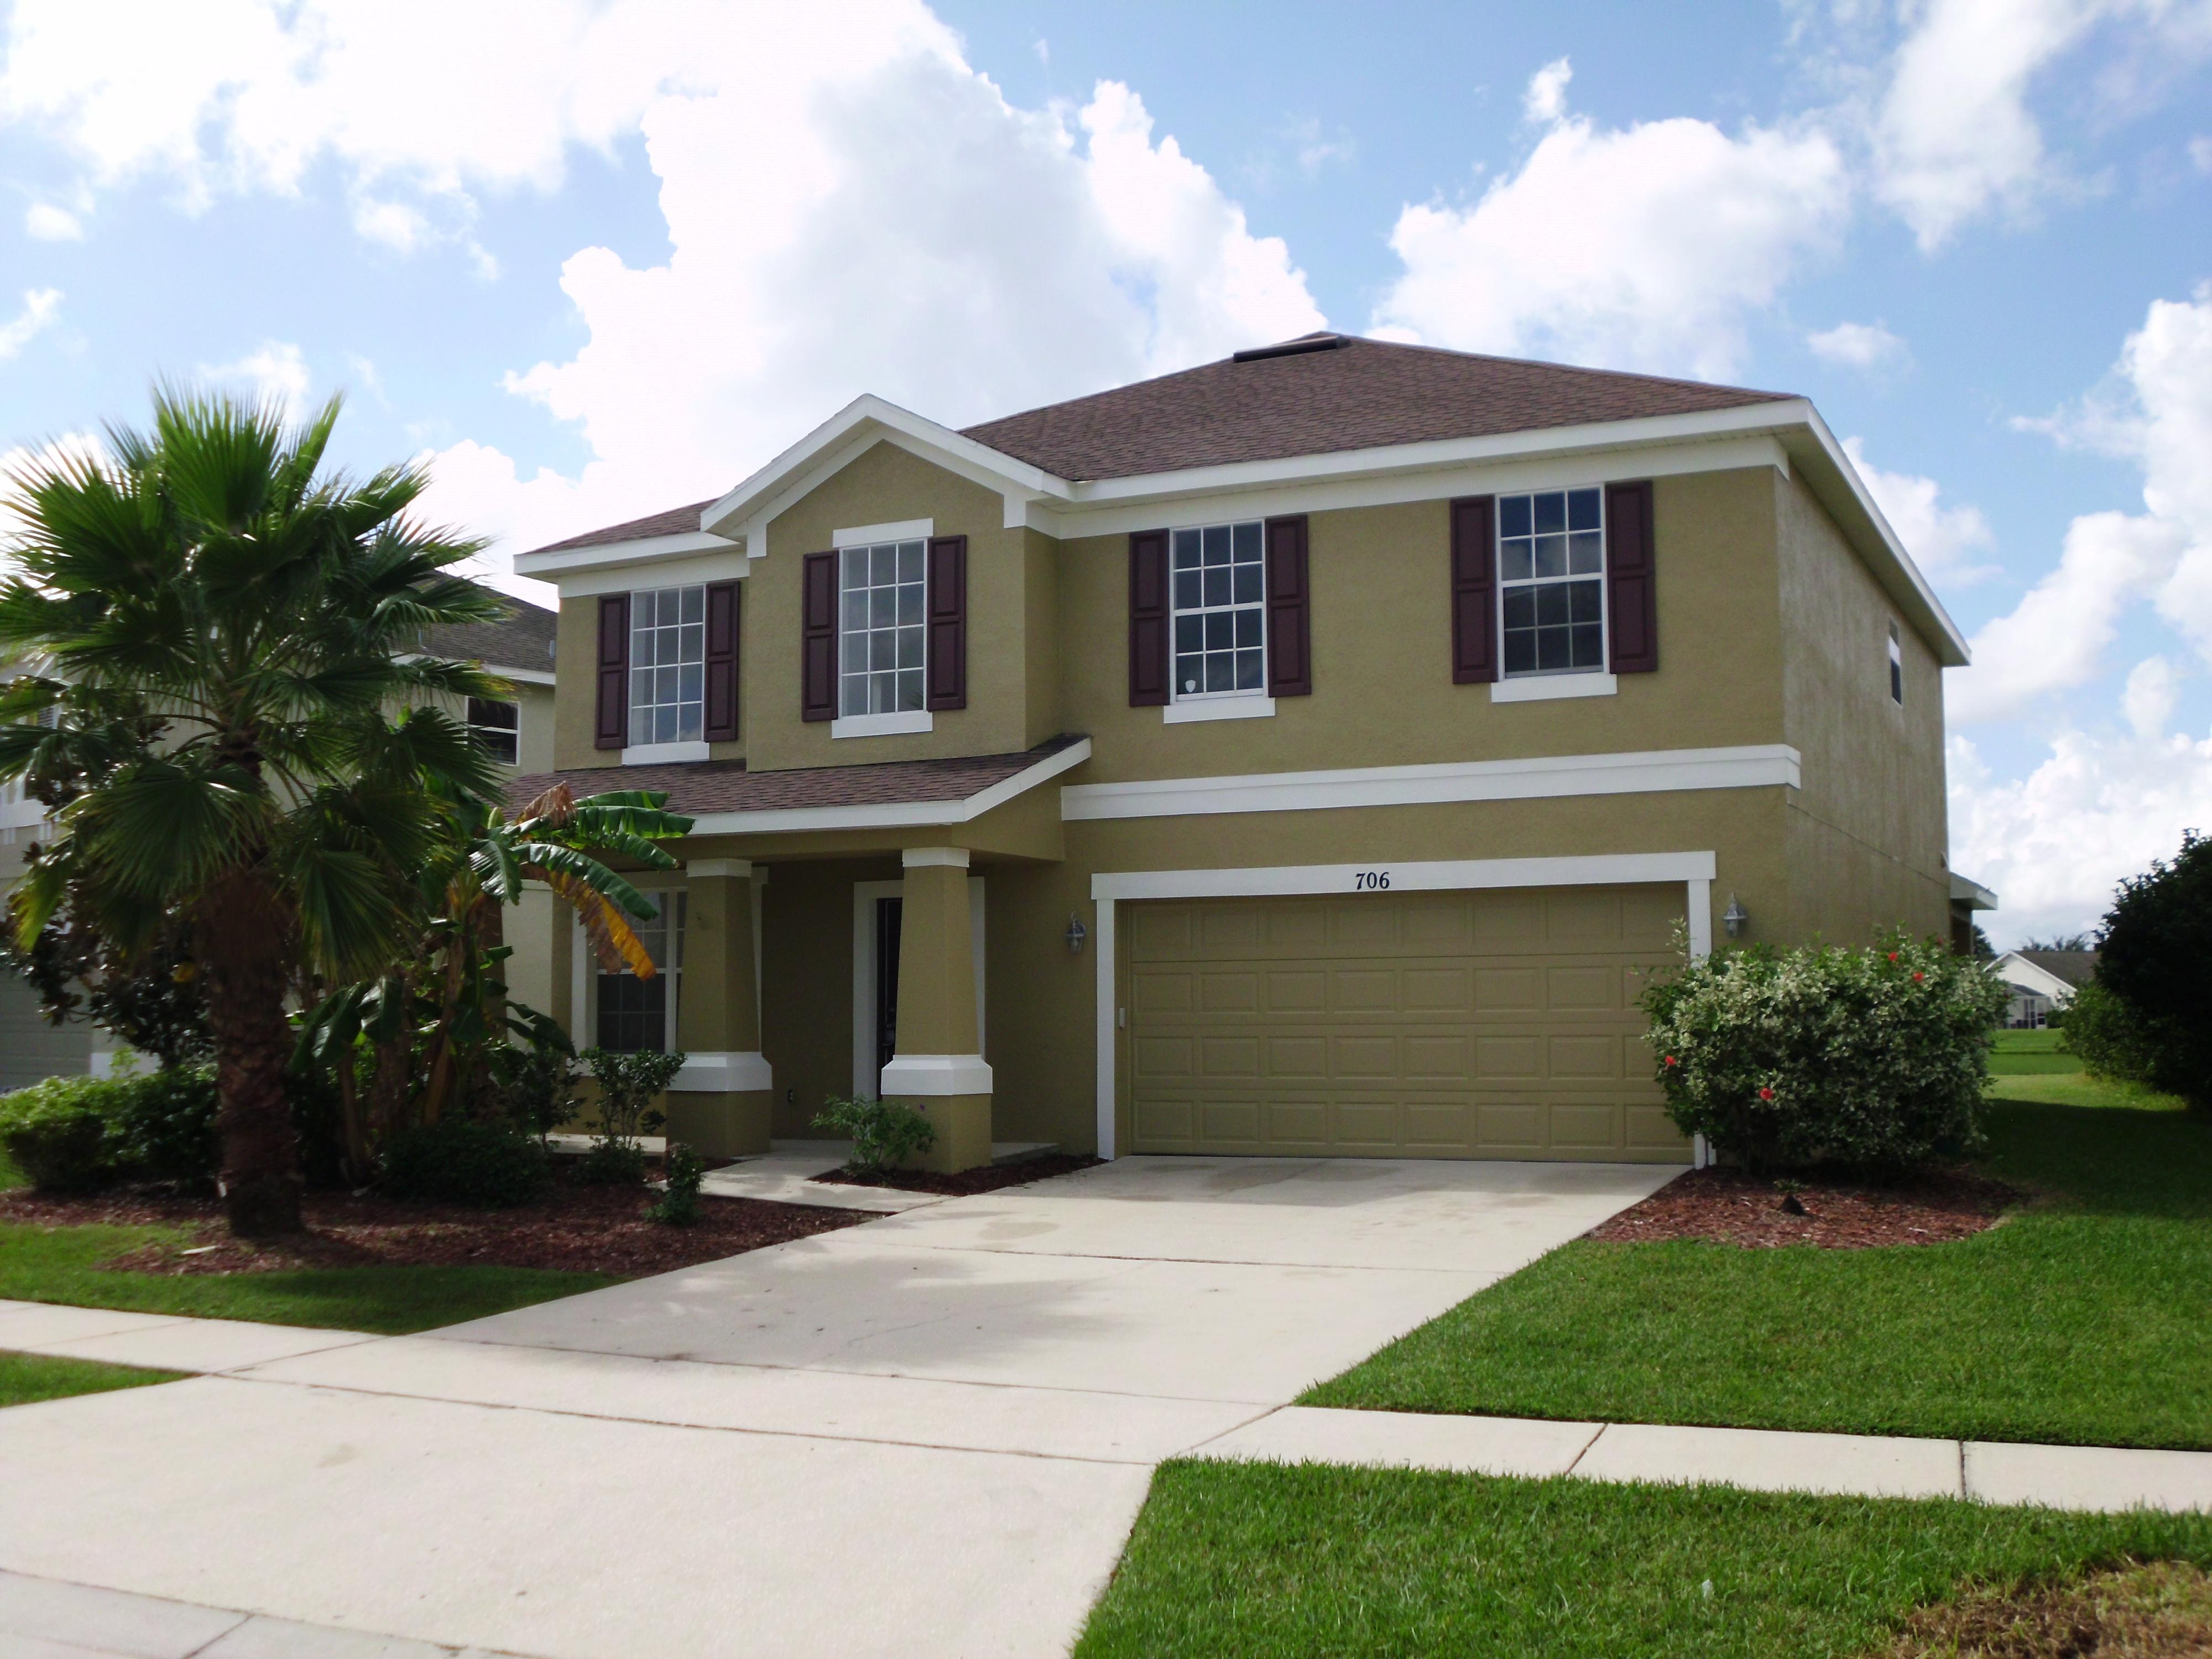 706 Stonewyk Way, Kissimmee, Florida 34744